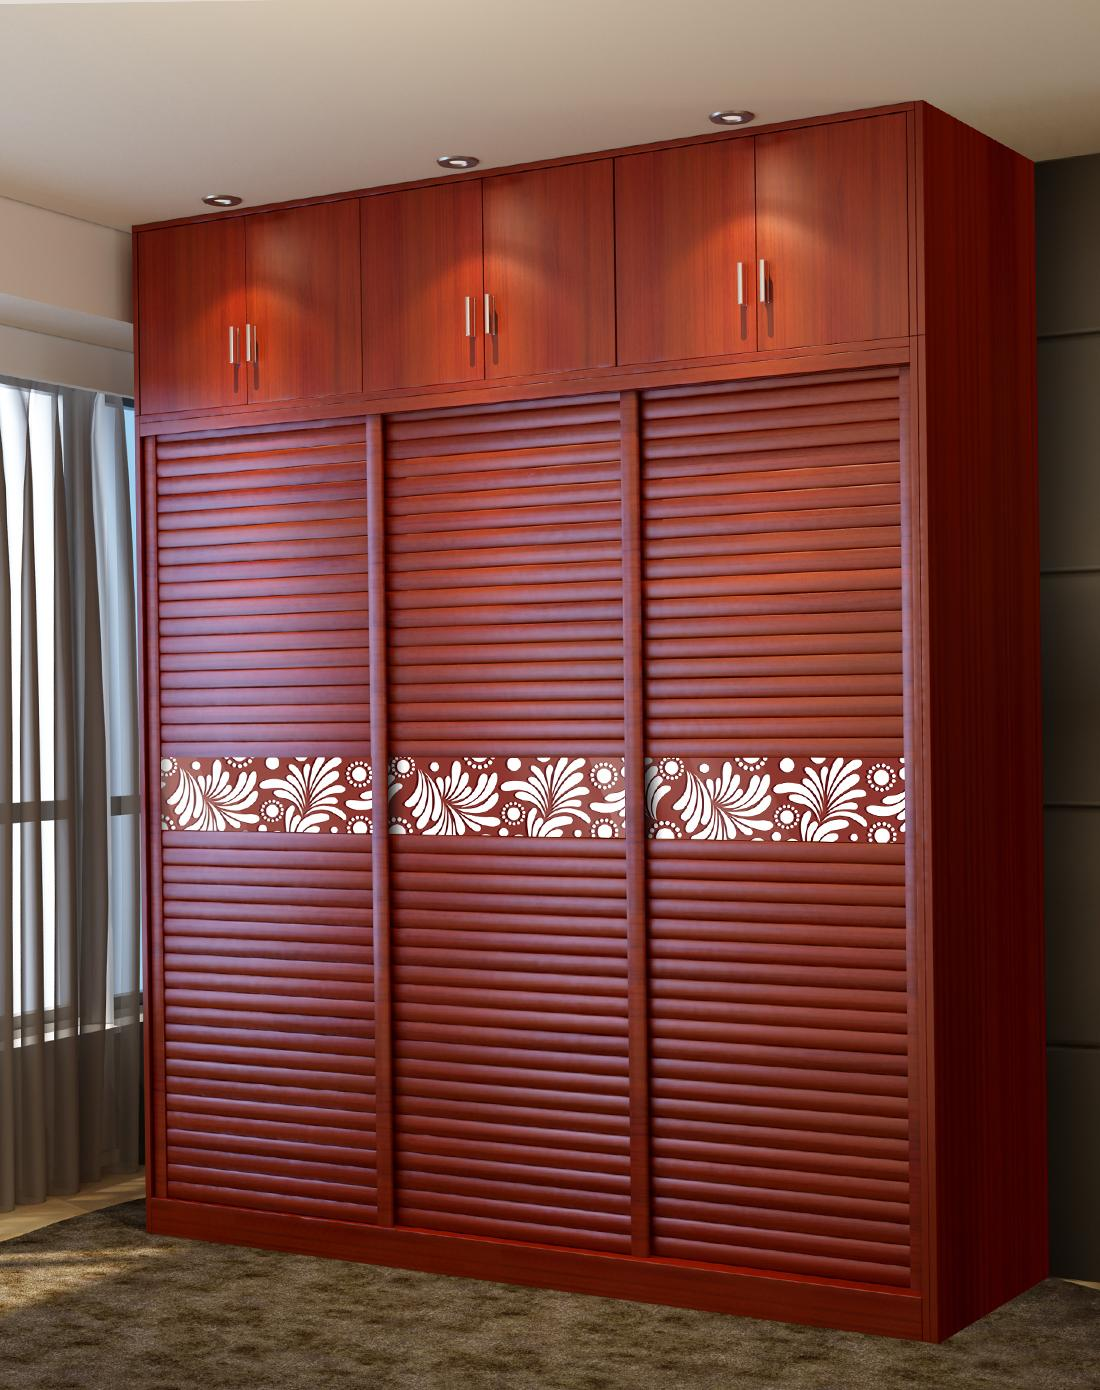 > 趟门衣柜整体移门衣柜推拉门实木衣柜2.4米长 富士红色